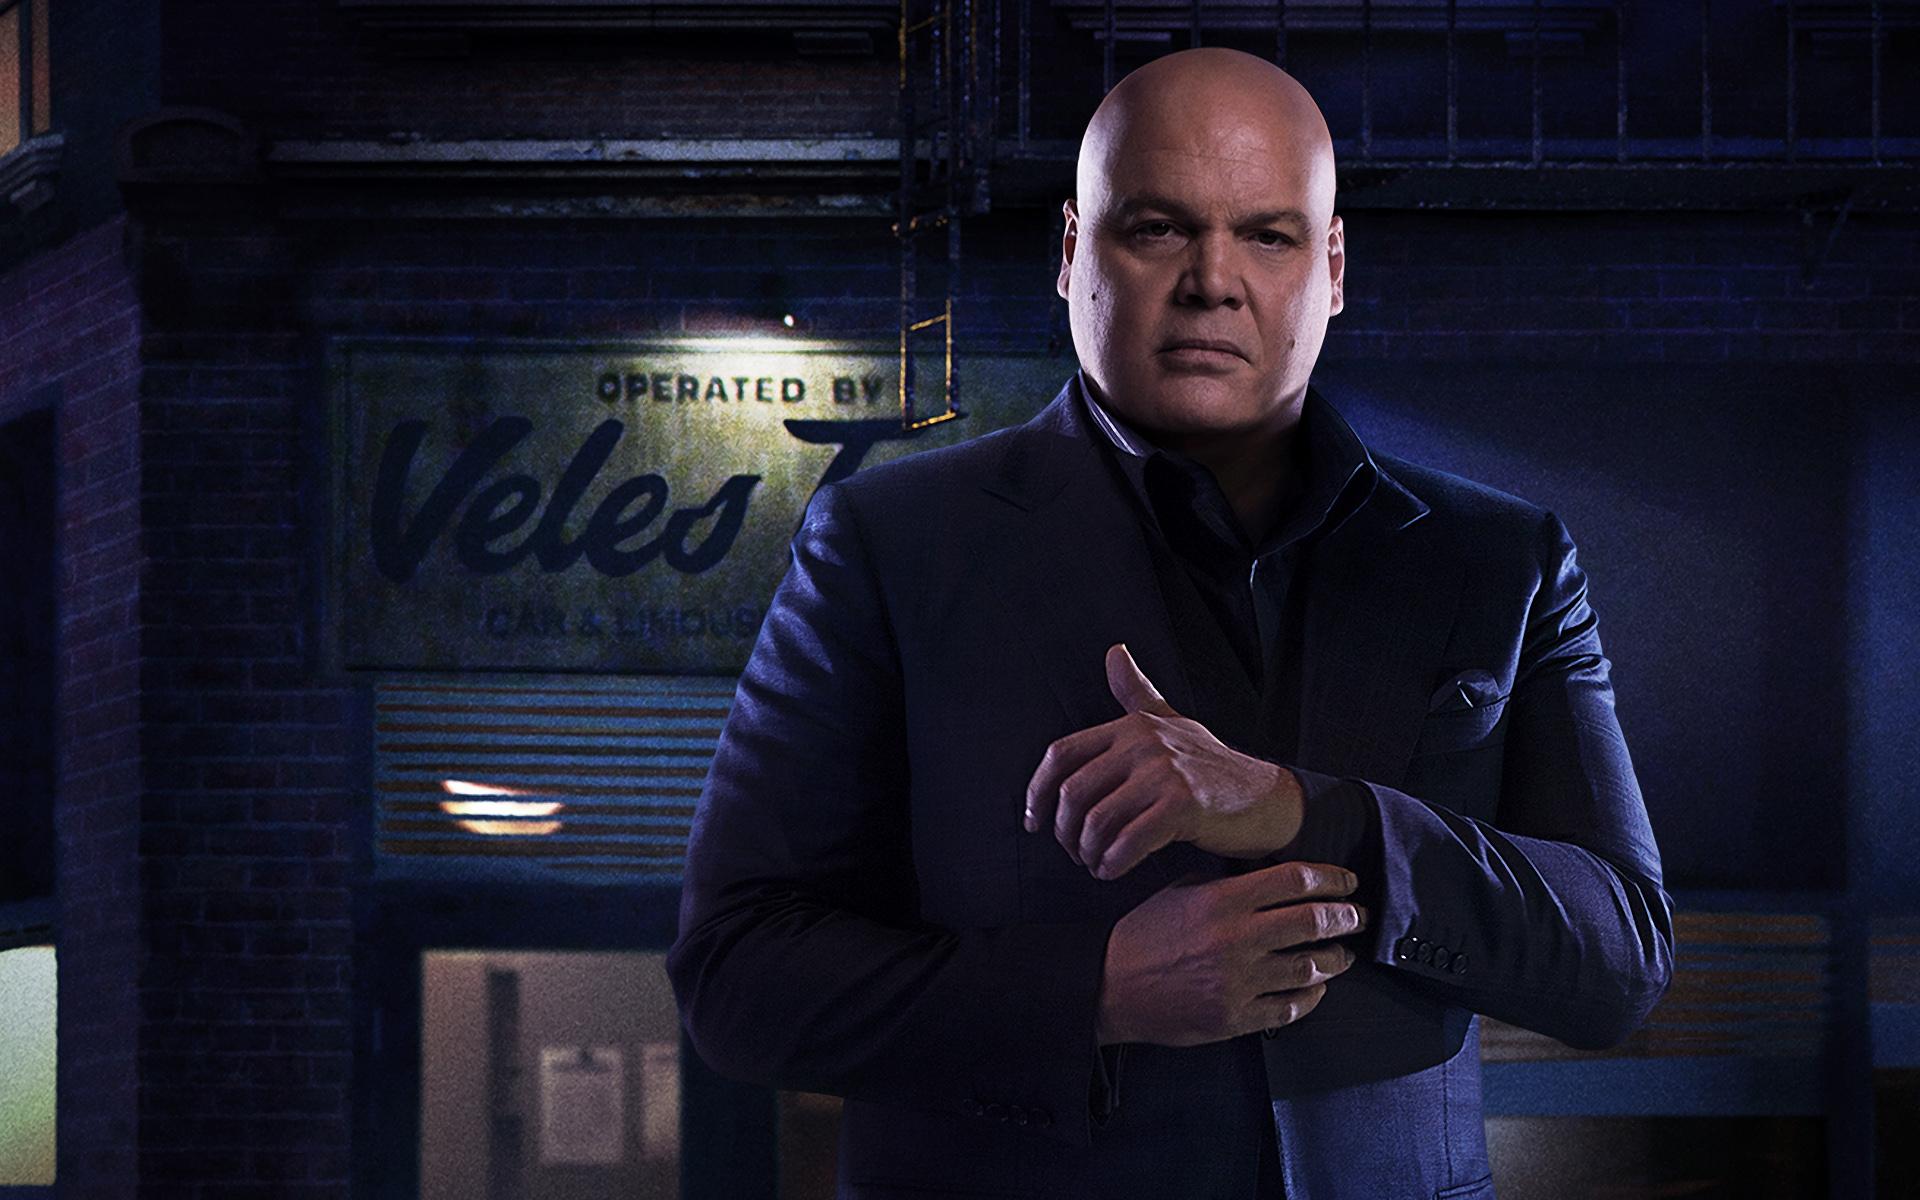 Vicent D'Onofrio como o Rei do Crime, ou Kingpin, na série Demolidor, ou Daredevil, da Marvel com a Netflix.